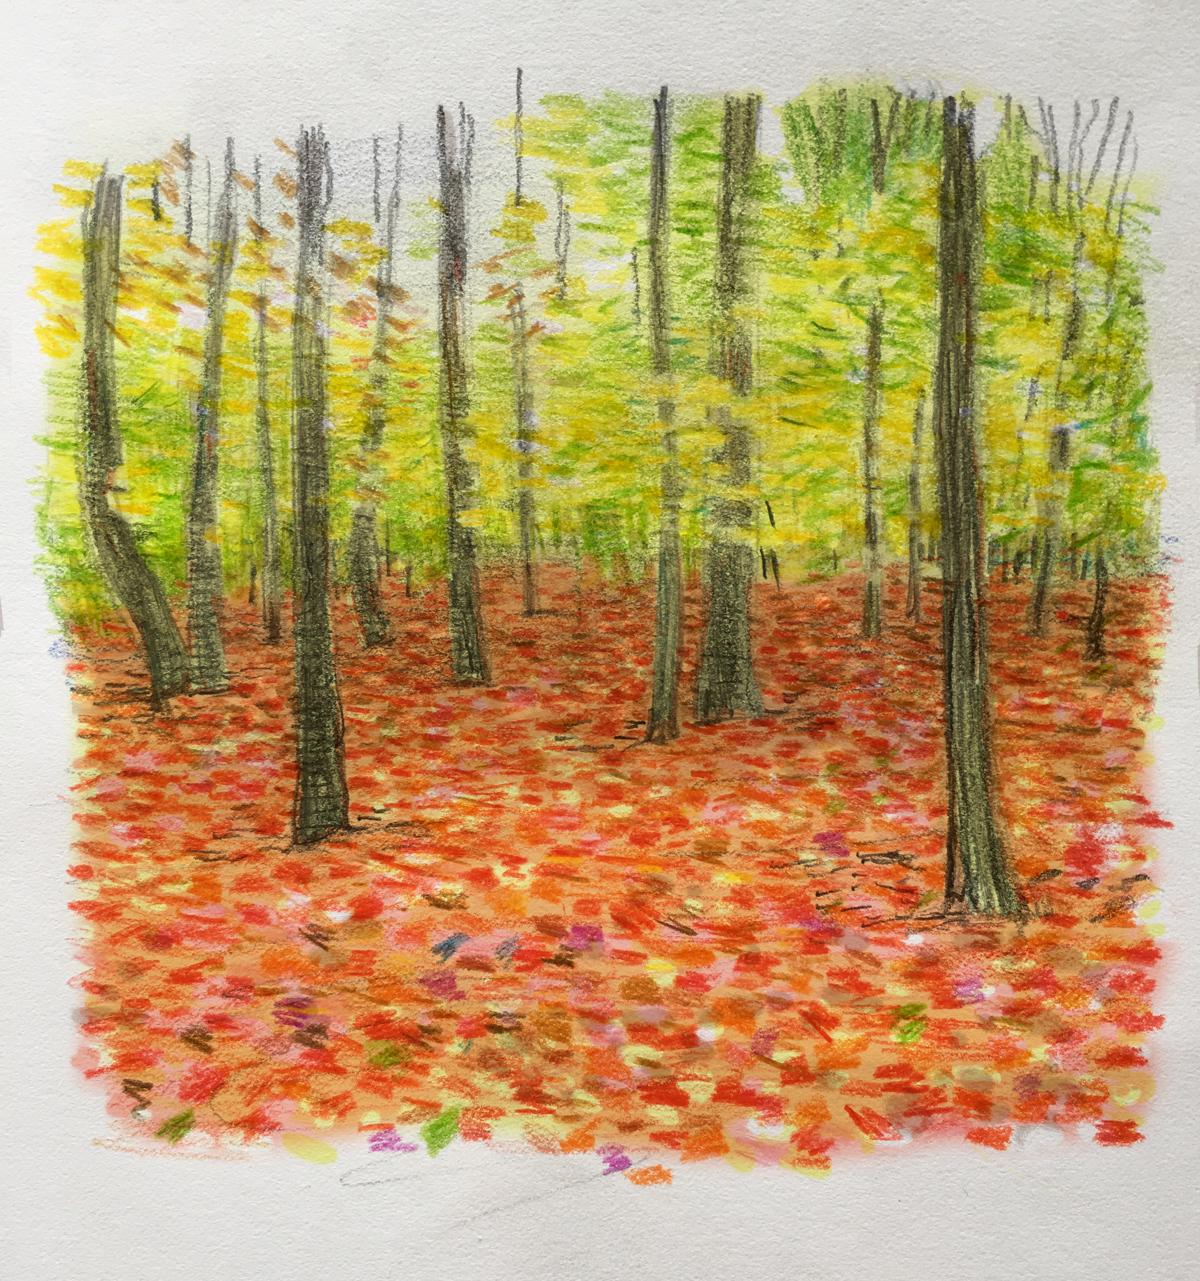 red-carpet-of-leaves.jpg